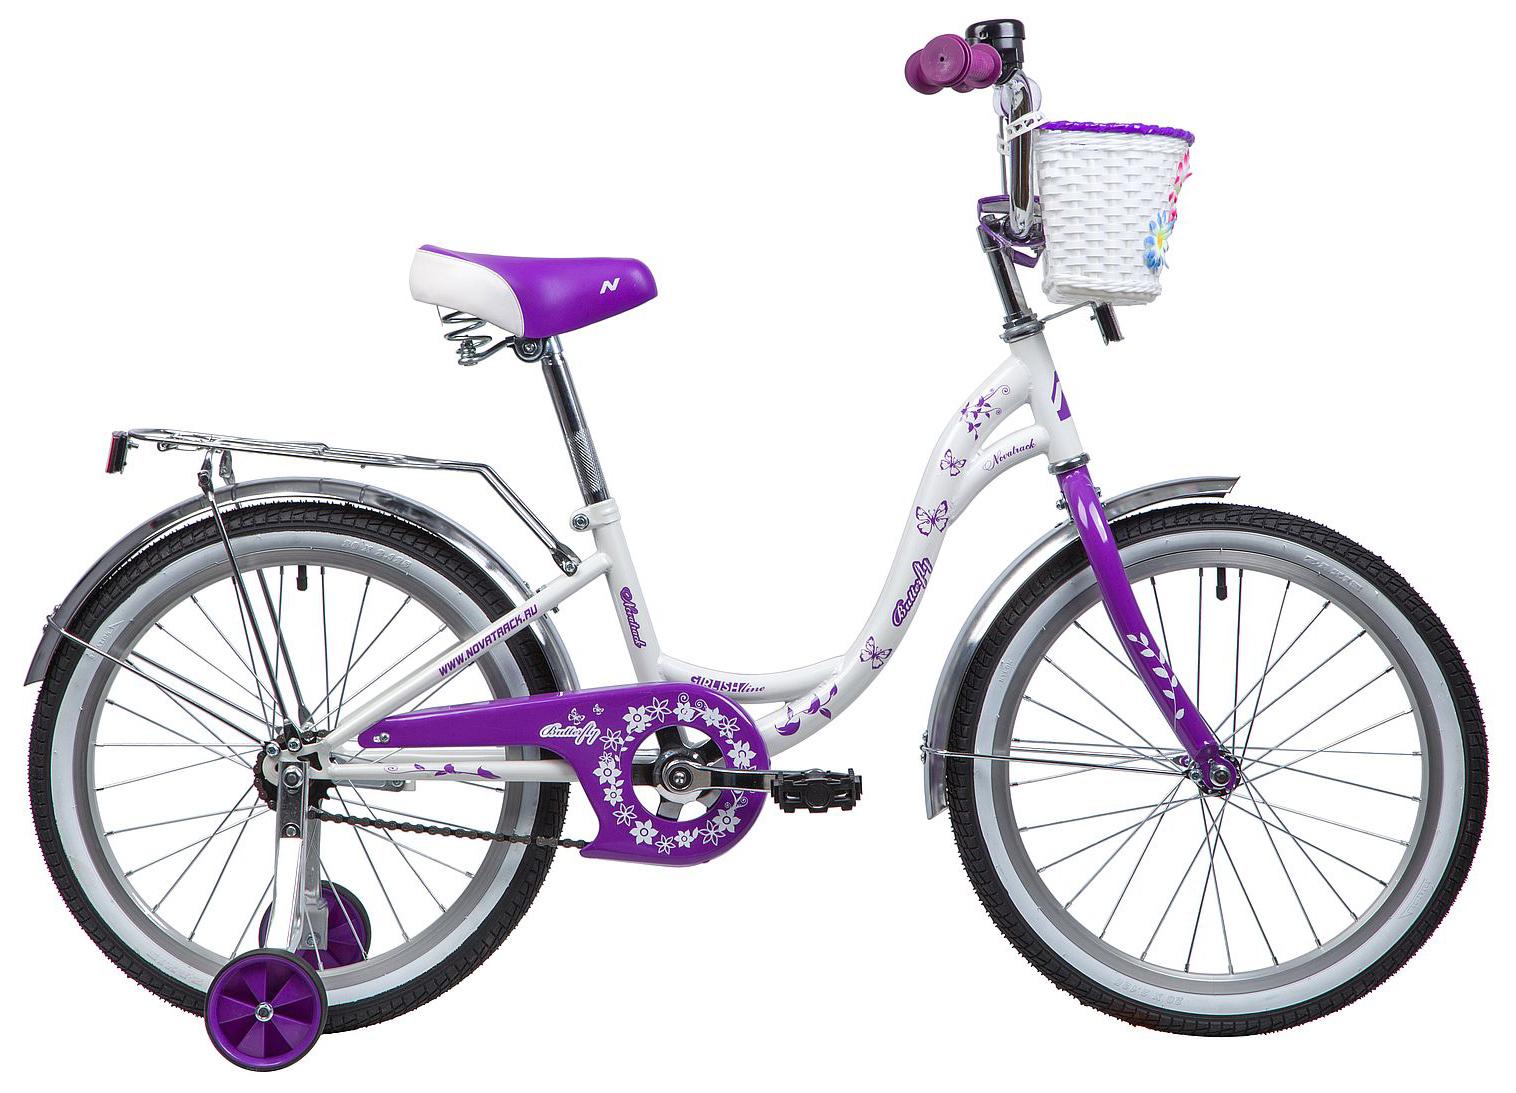 Велосипед Novatrack Butterfly 20 2019 велосипед novatrack 16 зебра бордово белый 165 zebra clr6